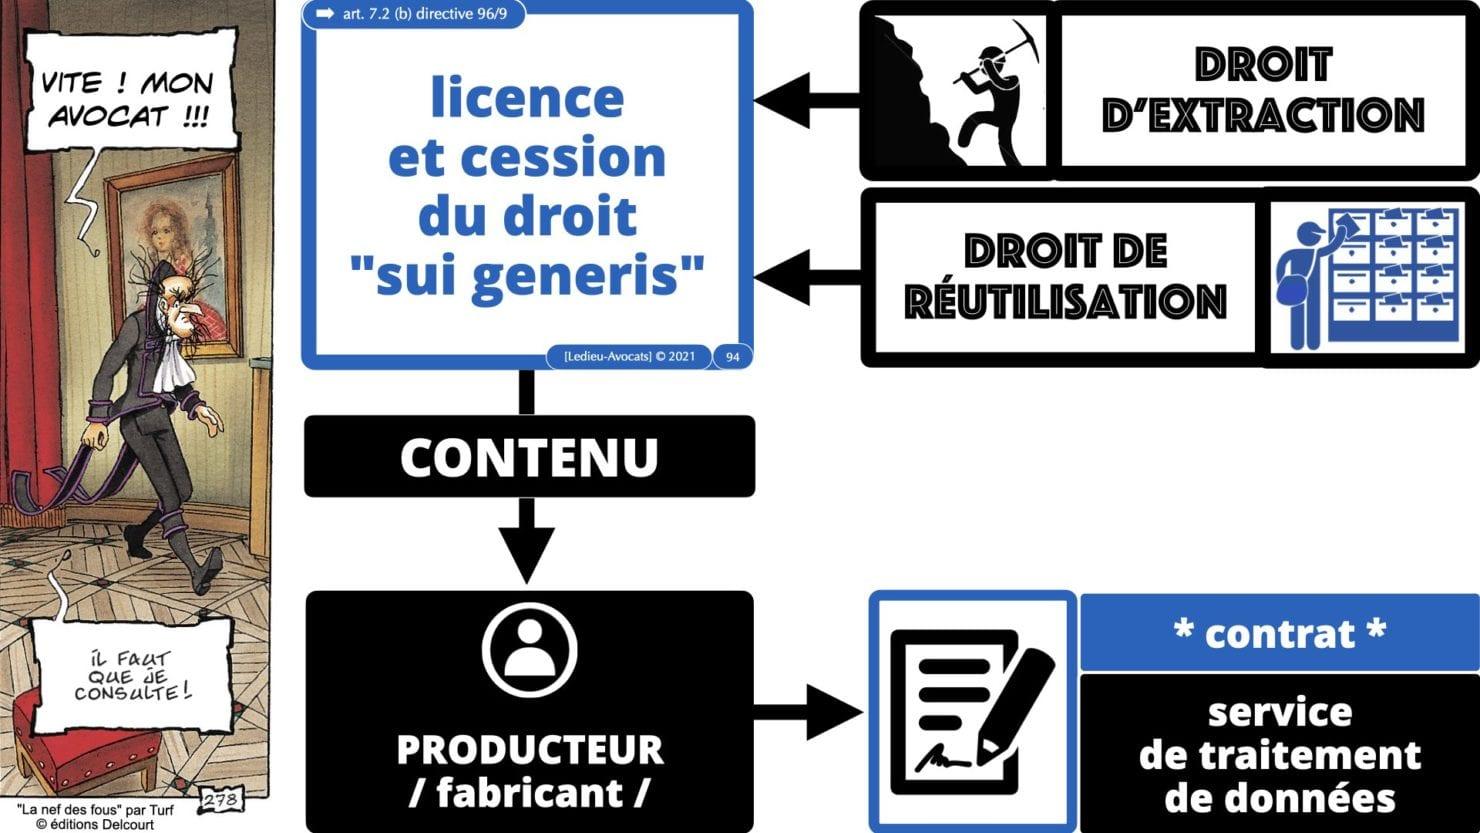 334 extraction indexation BASE DE DONNEES © Ledieu-avocat 24-05-2021.094